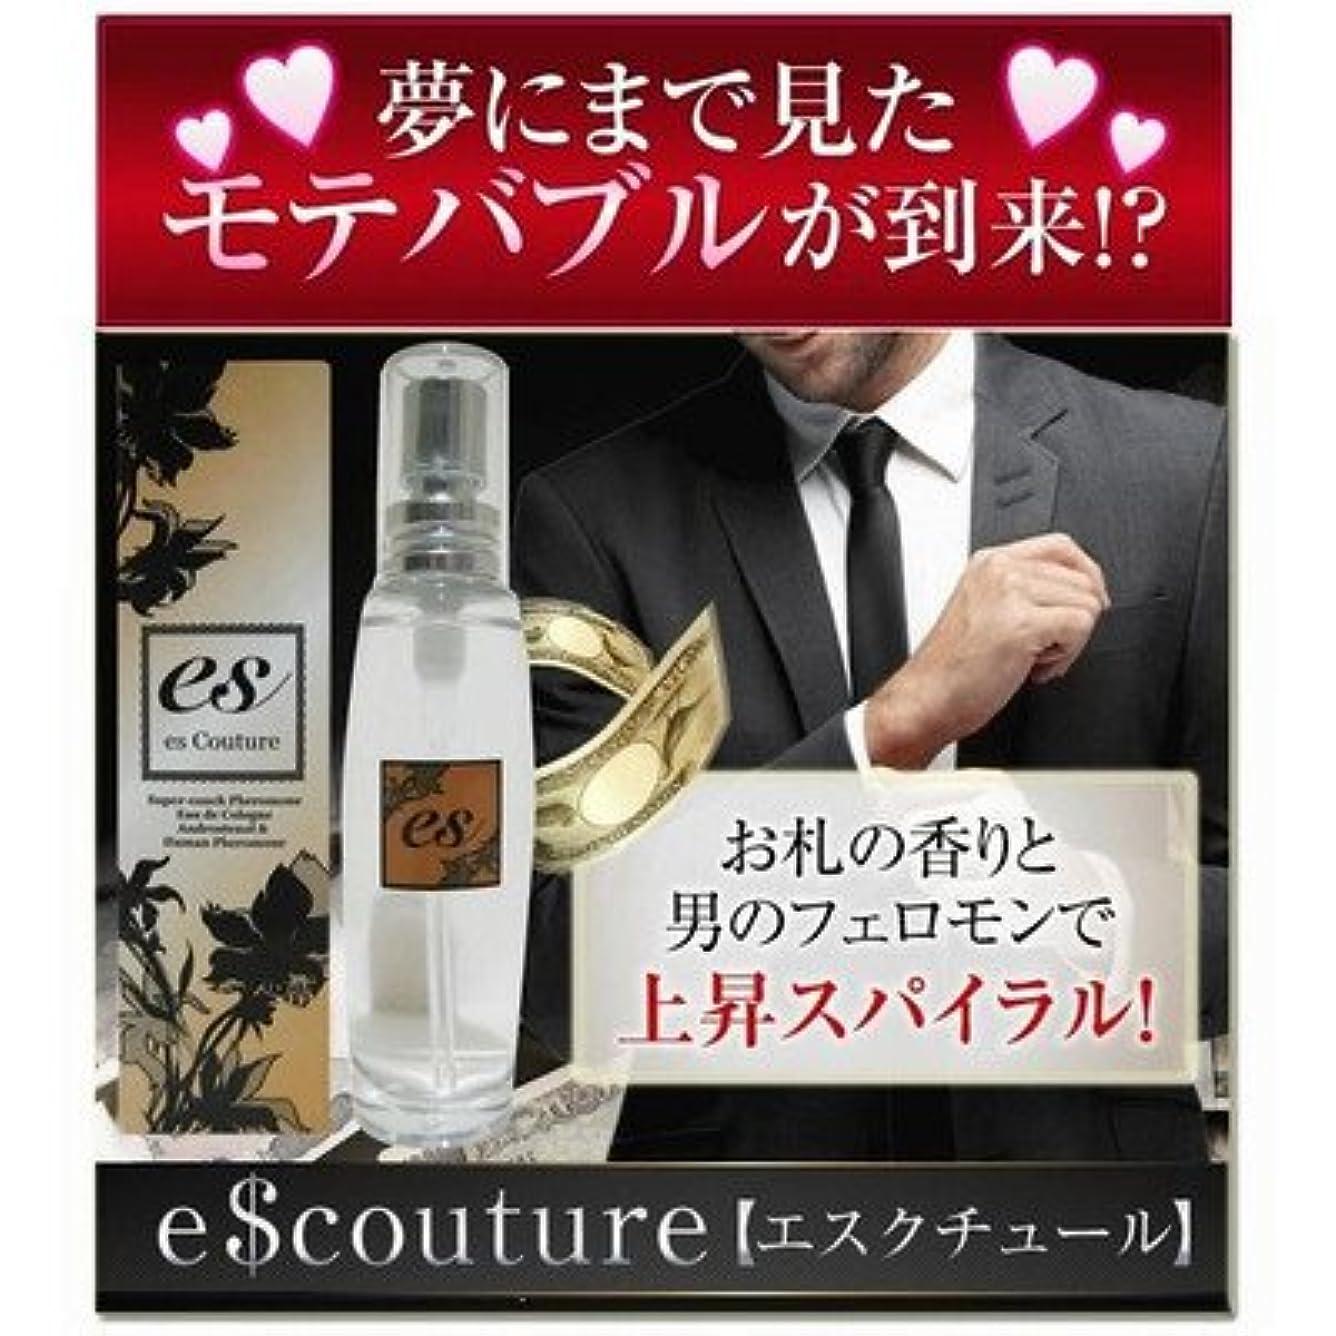 発見する不愉快に無効お札の香りと男のフェロモンで上昇スパイラル エスクチュール フェロモンフレグランス メンズ用